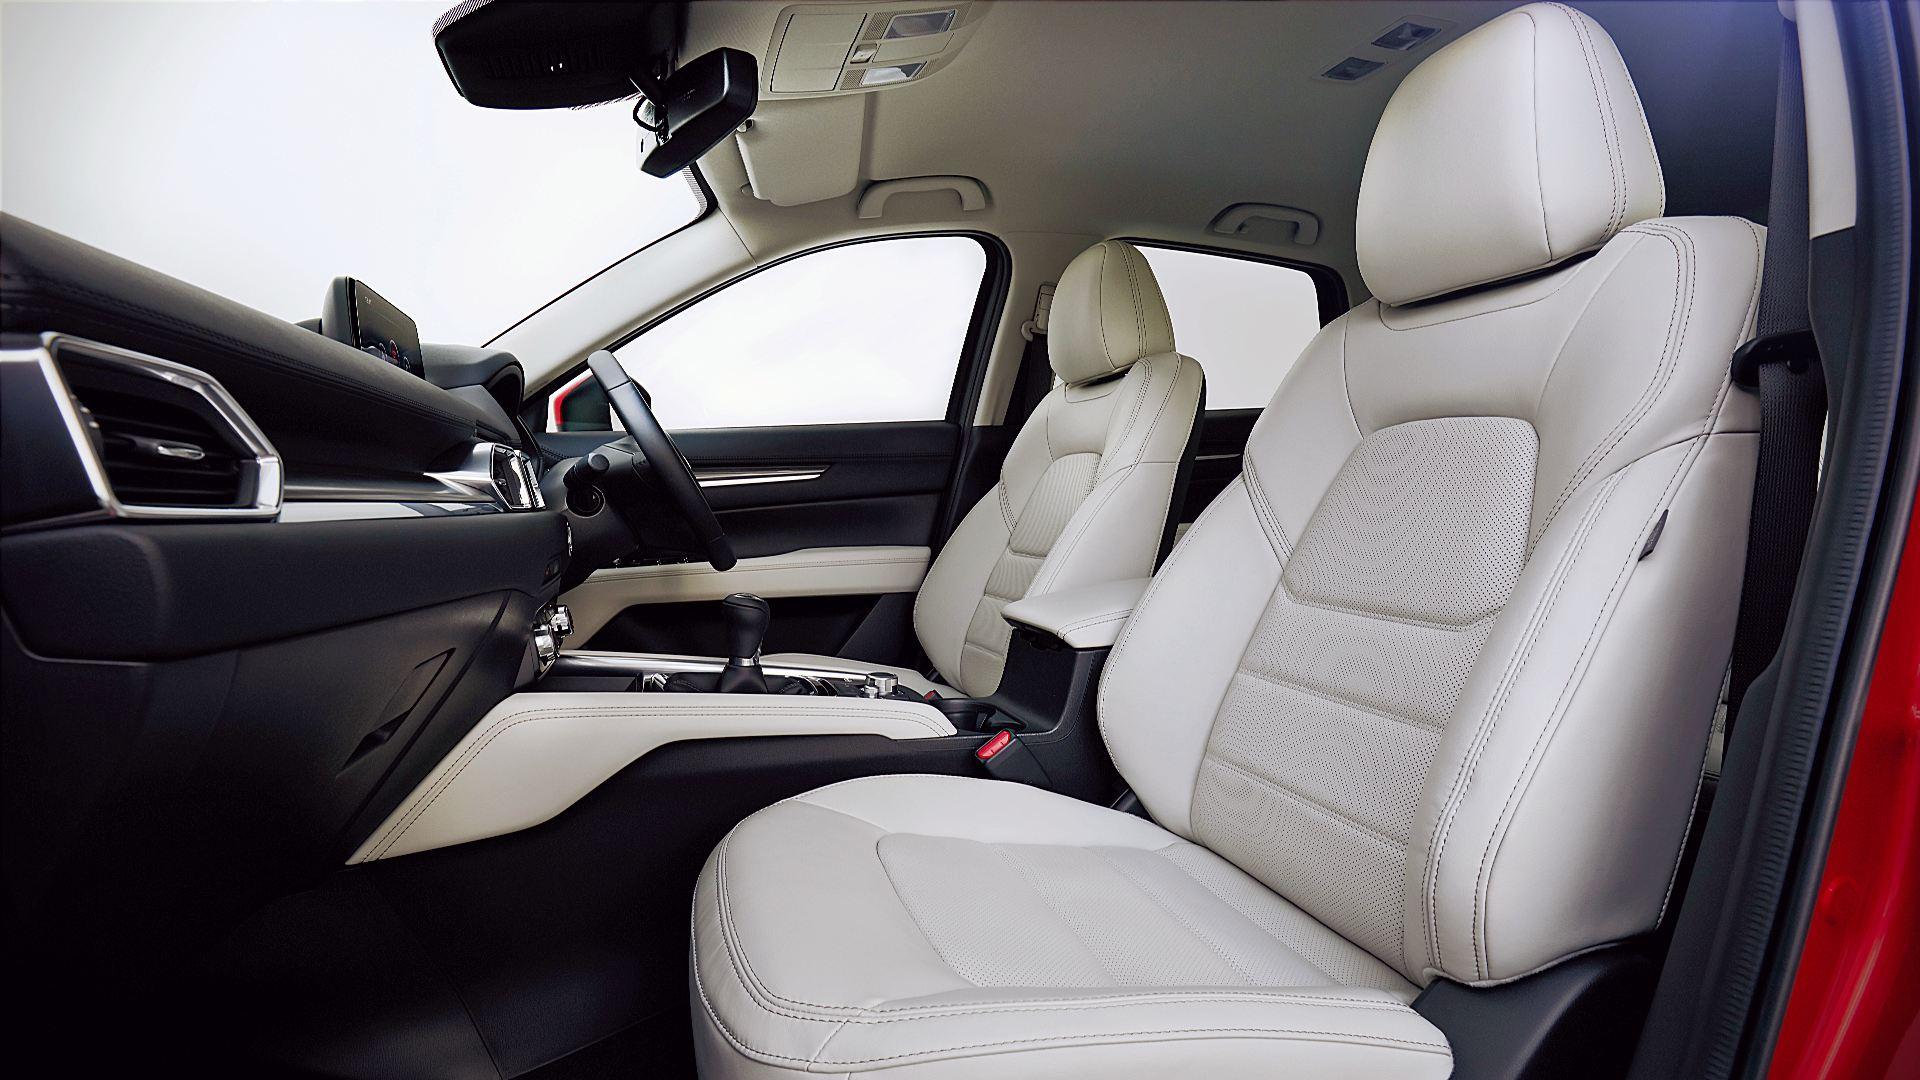 2020 Mazda CX-5 Inside Interior